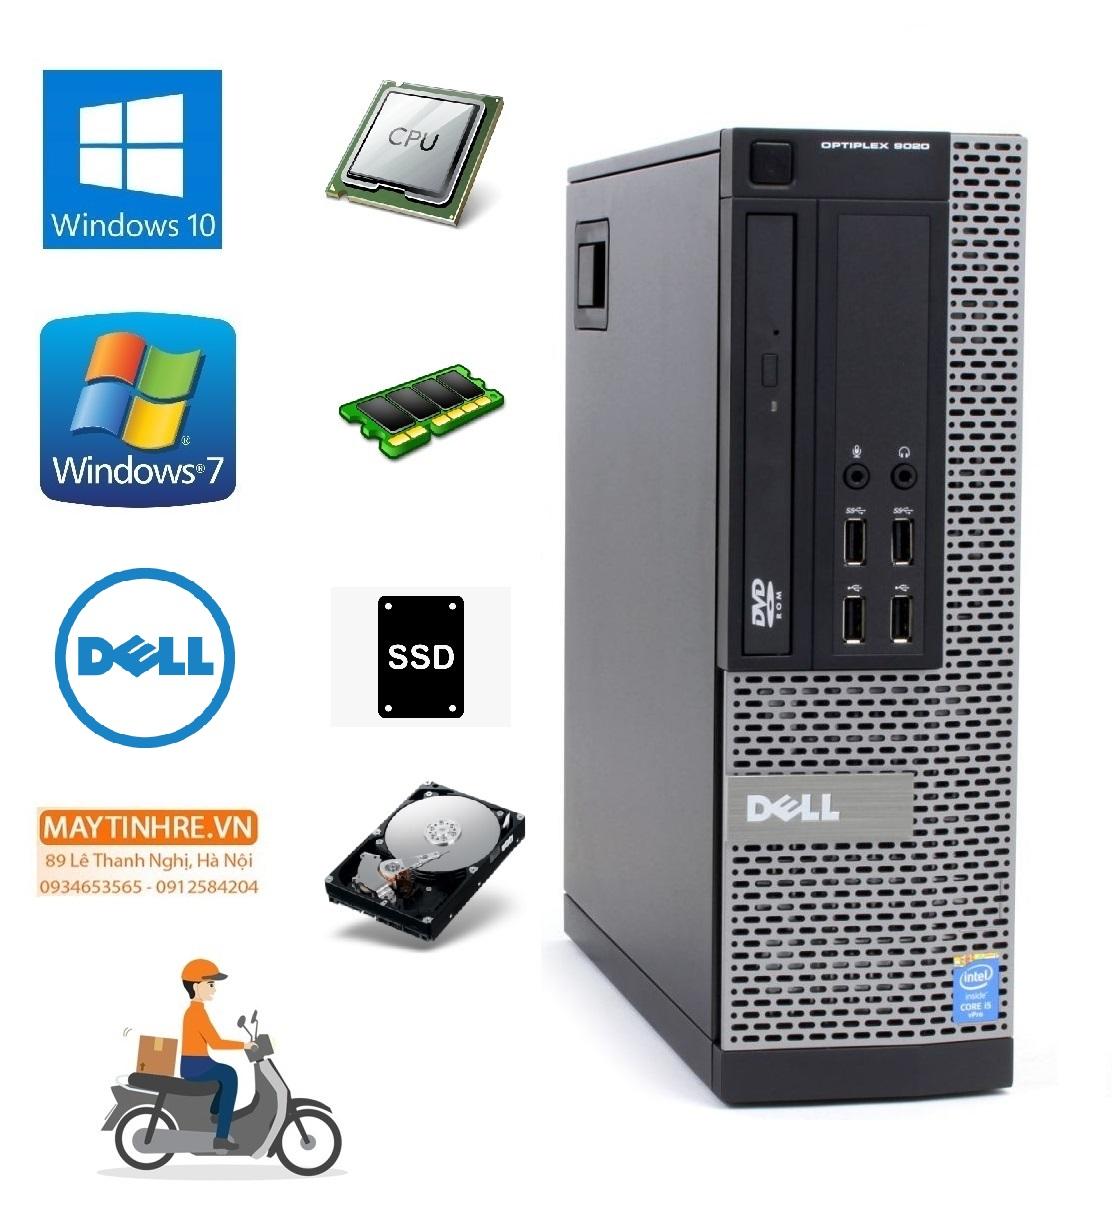 Máy Tính Đồng Bộ Dell Optiplex 9020 Cấu Hình Khách Tự Chọn Bảo Hành 24 Tháng, Hàng Nhập Khẩu, Chưa Bao Gồm Phím Chuột Và Màn Hình Giá Tốt Duy Nhất tại Lazada